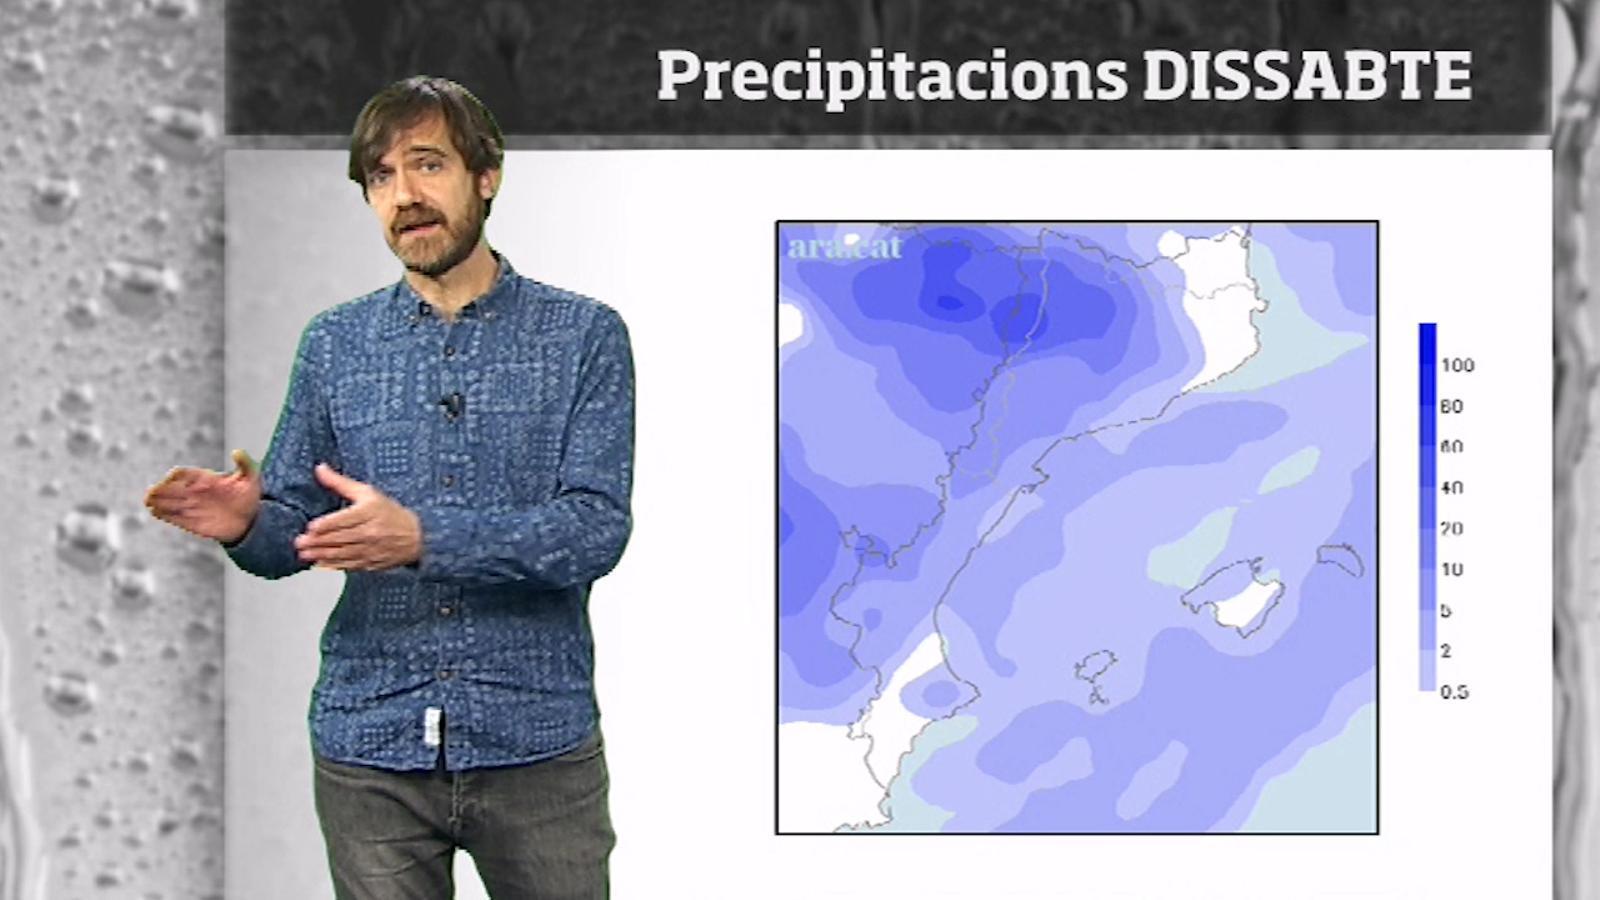 La méteo en 1 minut: sol, estones de pluja i canvis de temperatura